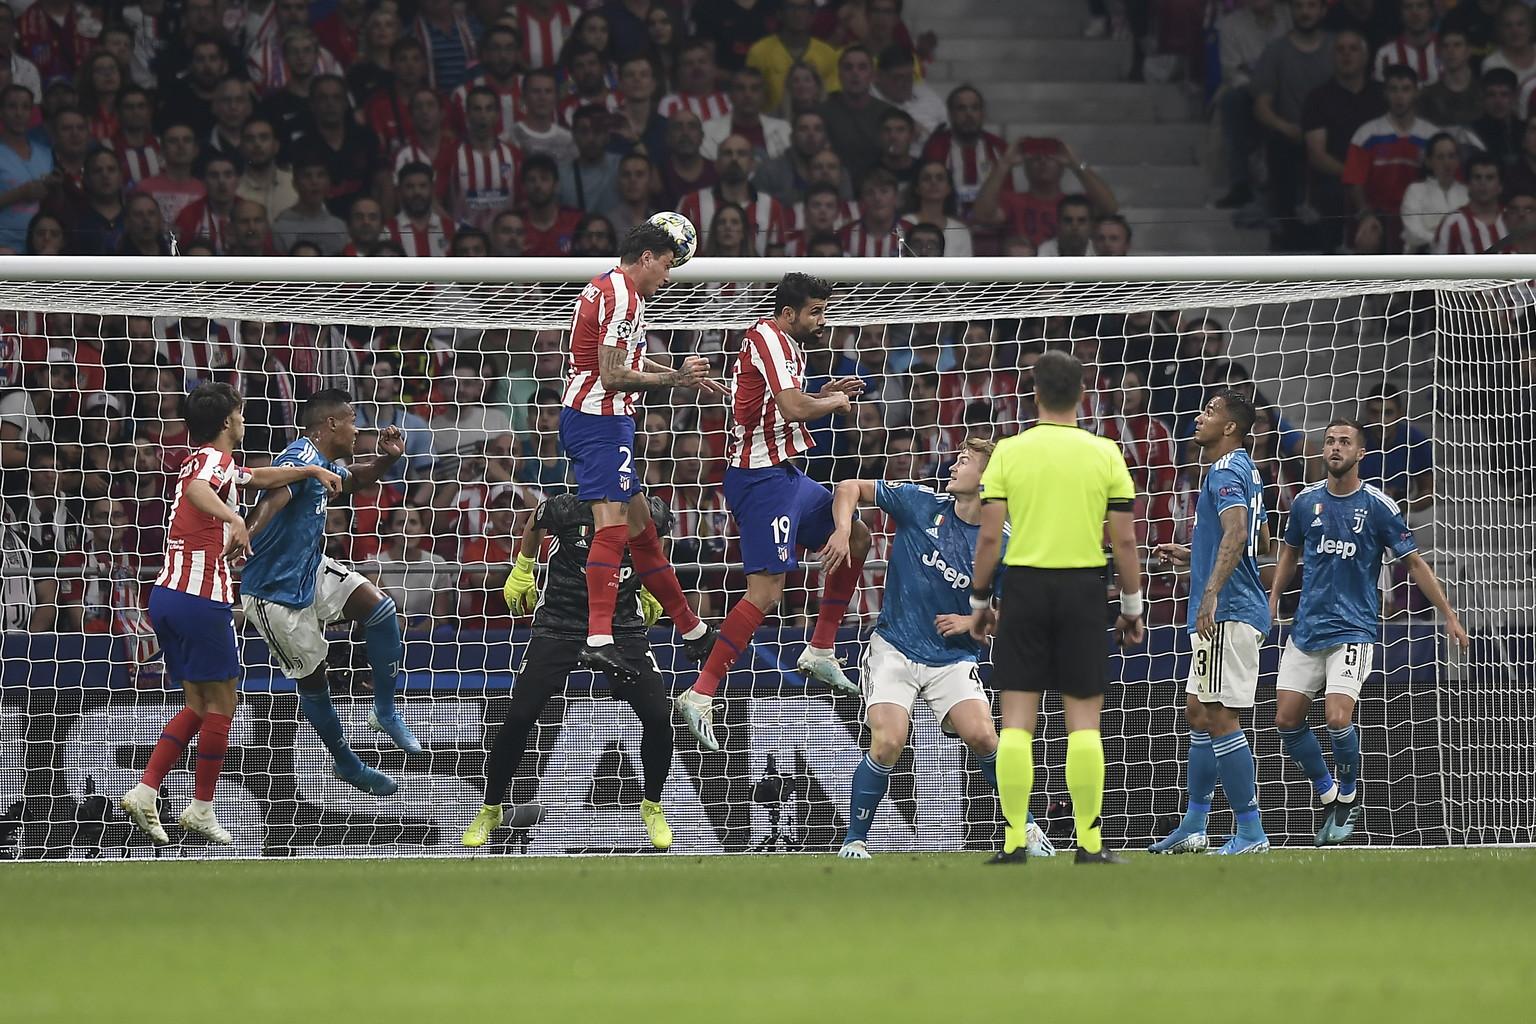 Le immagini migliori della sfida di Champions League al Wanda Metropolitano